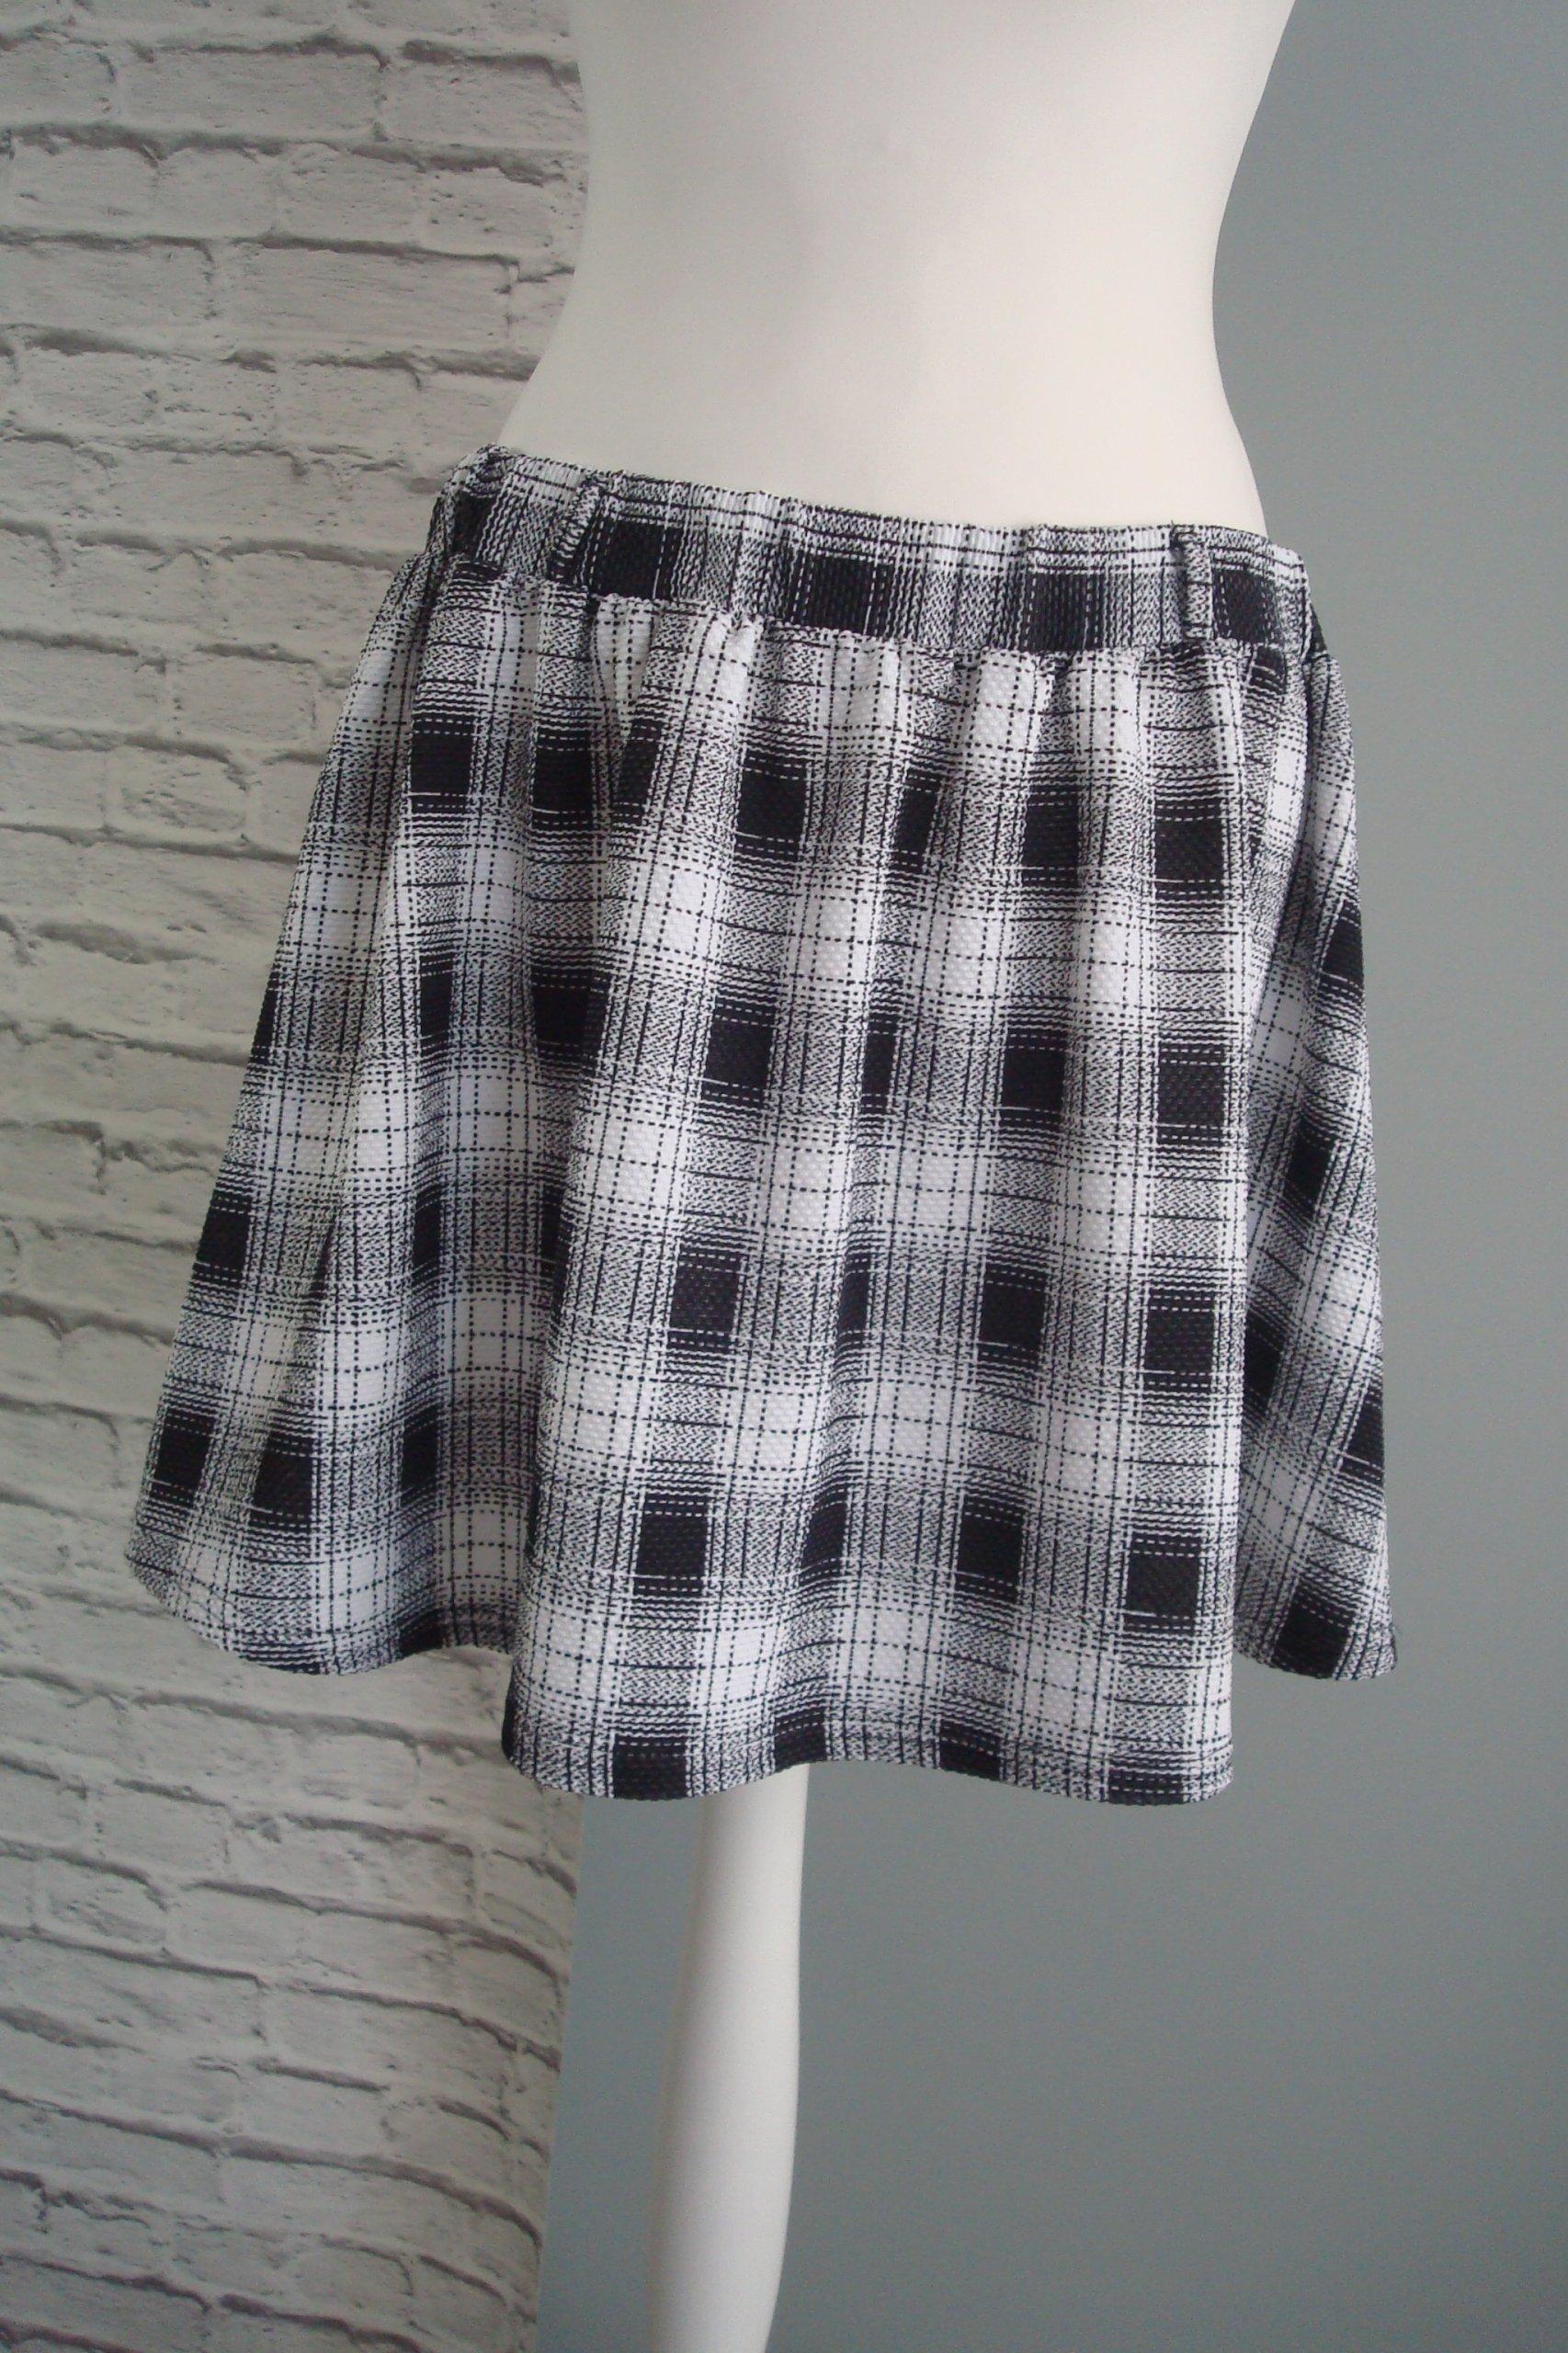 0ebe19a49f7751 ATMOSPHERE spódnica czarna biała krata casual 42 - 7452417137 ...